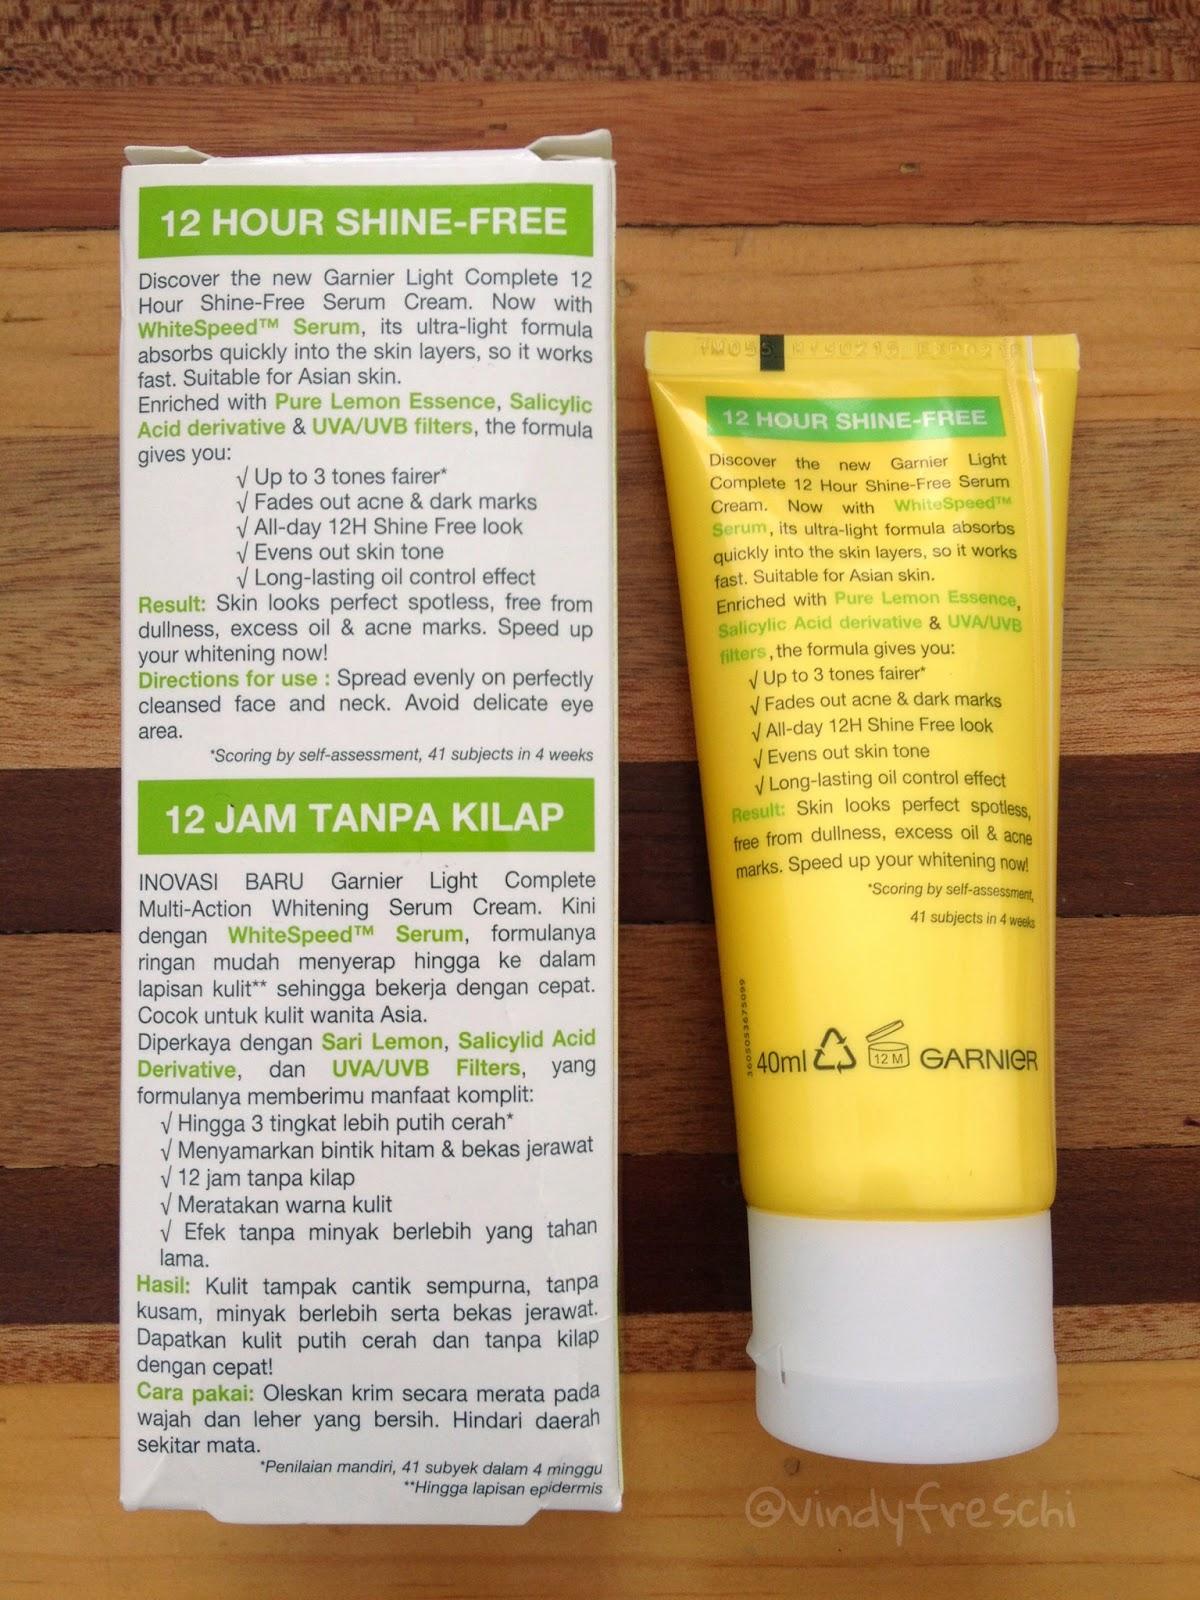 Serum Cream Shine Free ini adalah day cream yang bisa menyamarkan bintik hitam dan bekas jerawat membuat wajah bebas dari kilap hingga 12 jam